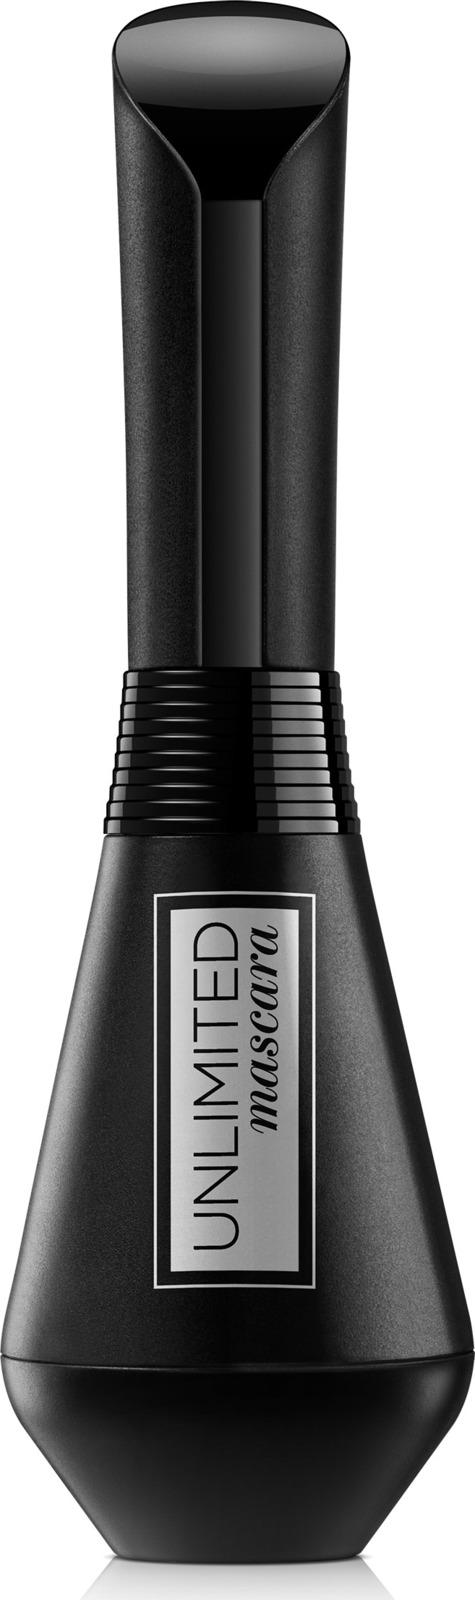 Тушь для ресниц L'Oreal Paris Unlimited, для удлинения и подкручивания, лифтинг эффект, цвет: черный, 7,4 мл